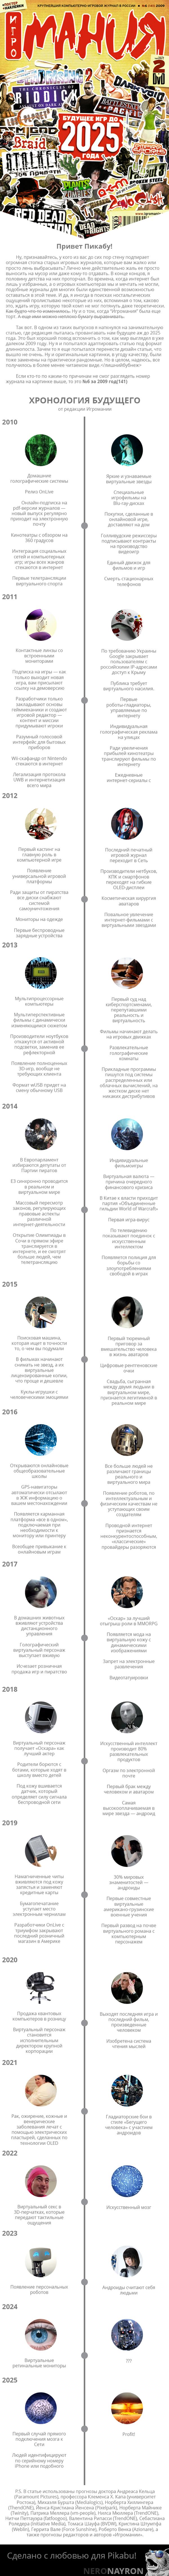 Будущее из 2009 года. Игромания, Длиннопост, Ванга, Будущее, Прошлое